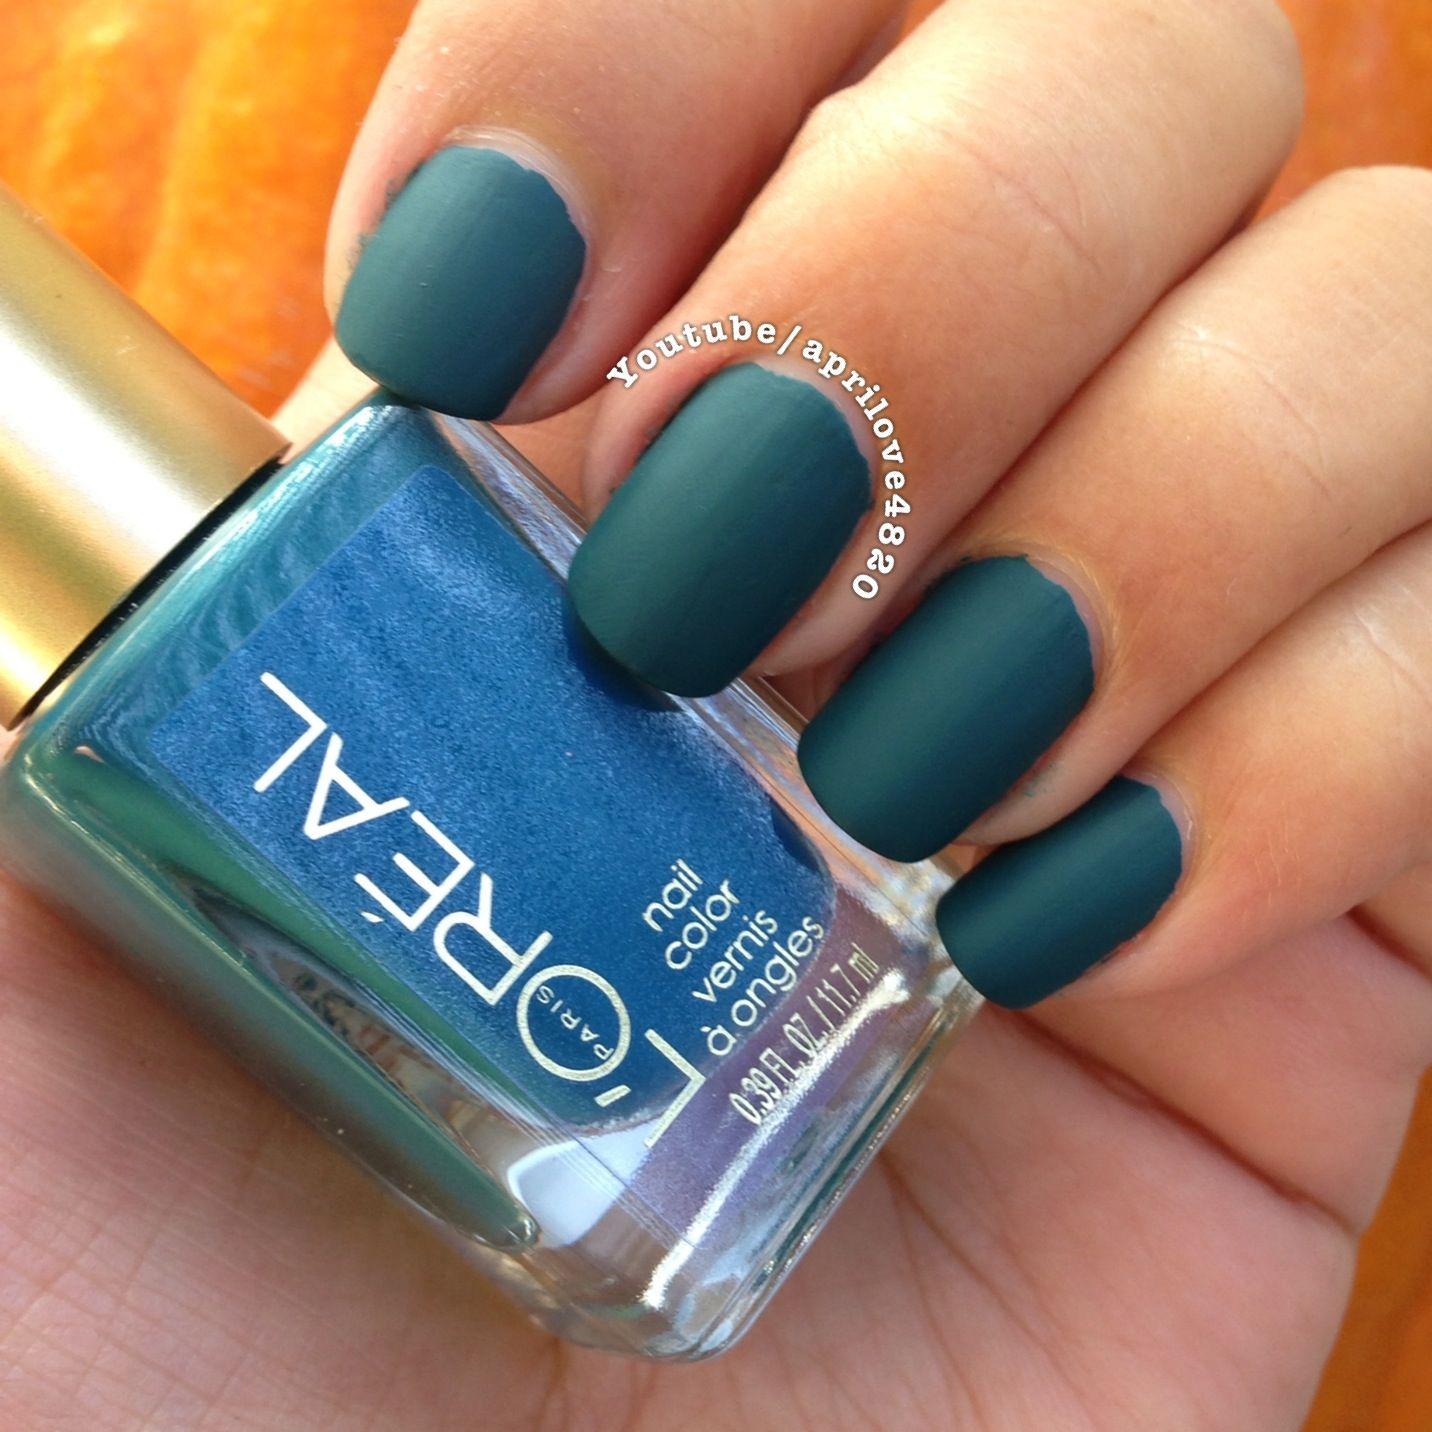 Loreal nail polish #nails #nail polish #matte #matte nail polish #nail polish swatch #nails 2013 #nails for fall #nails for fall 2013